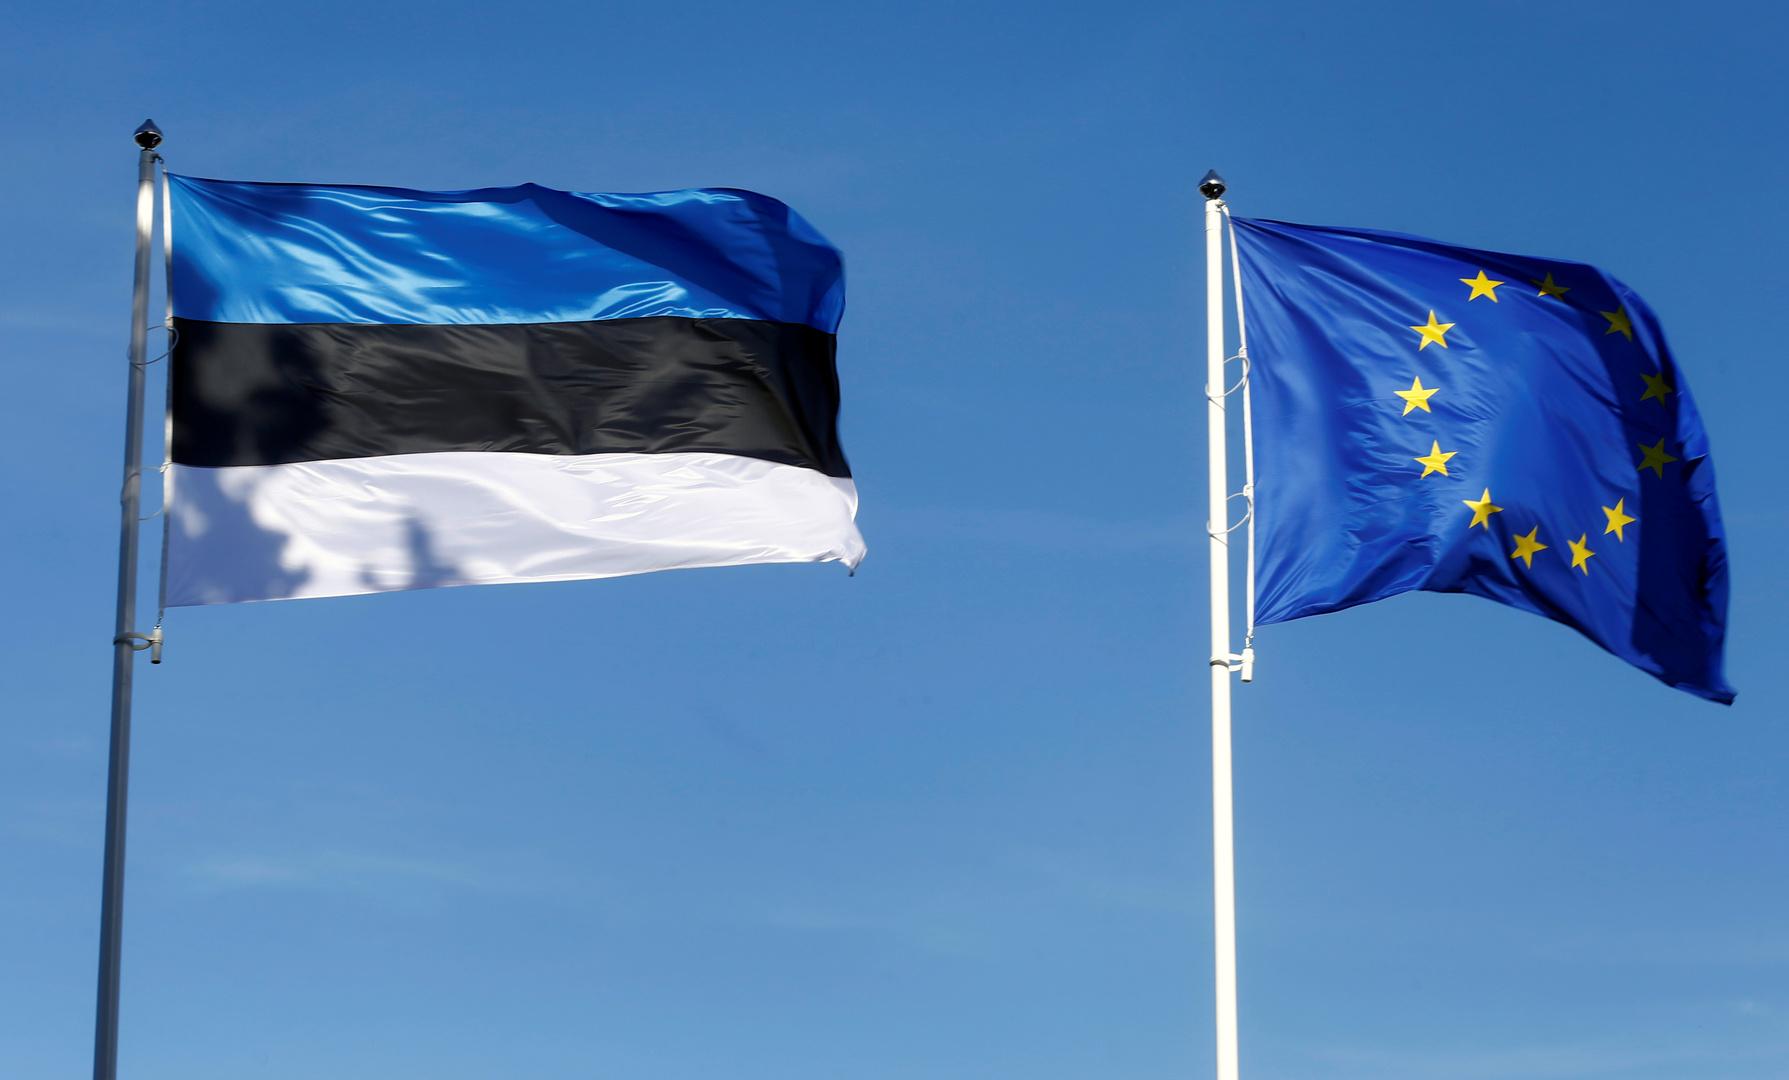 إستونيا تعتزم طرد دبلوماسي روسي ردا على طرد قنصلها من بطرسبورغ